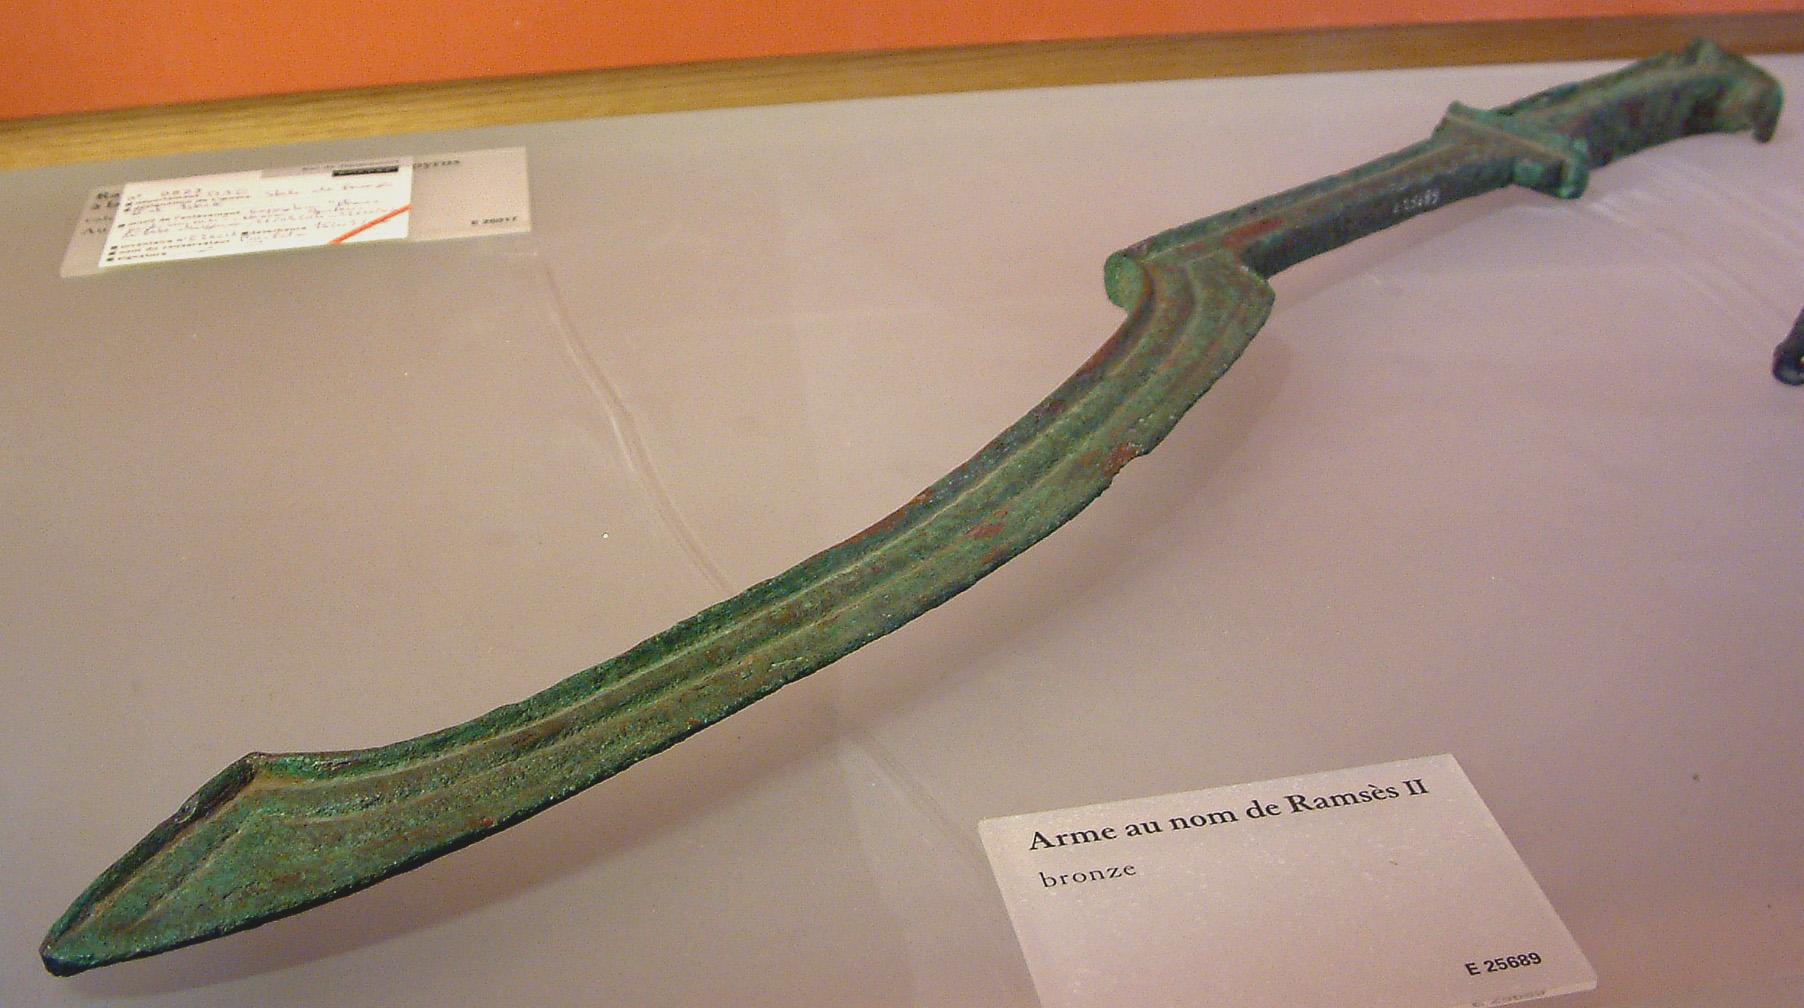 Espada encontrada junto à tumba de Ramsés II! (foto: Reprodução/Louvre)